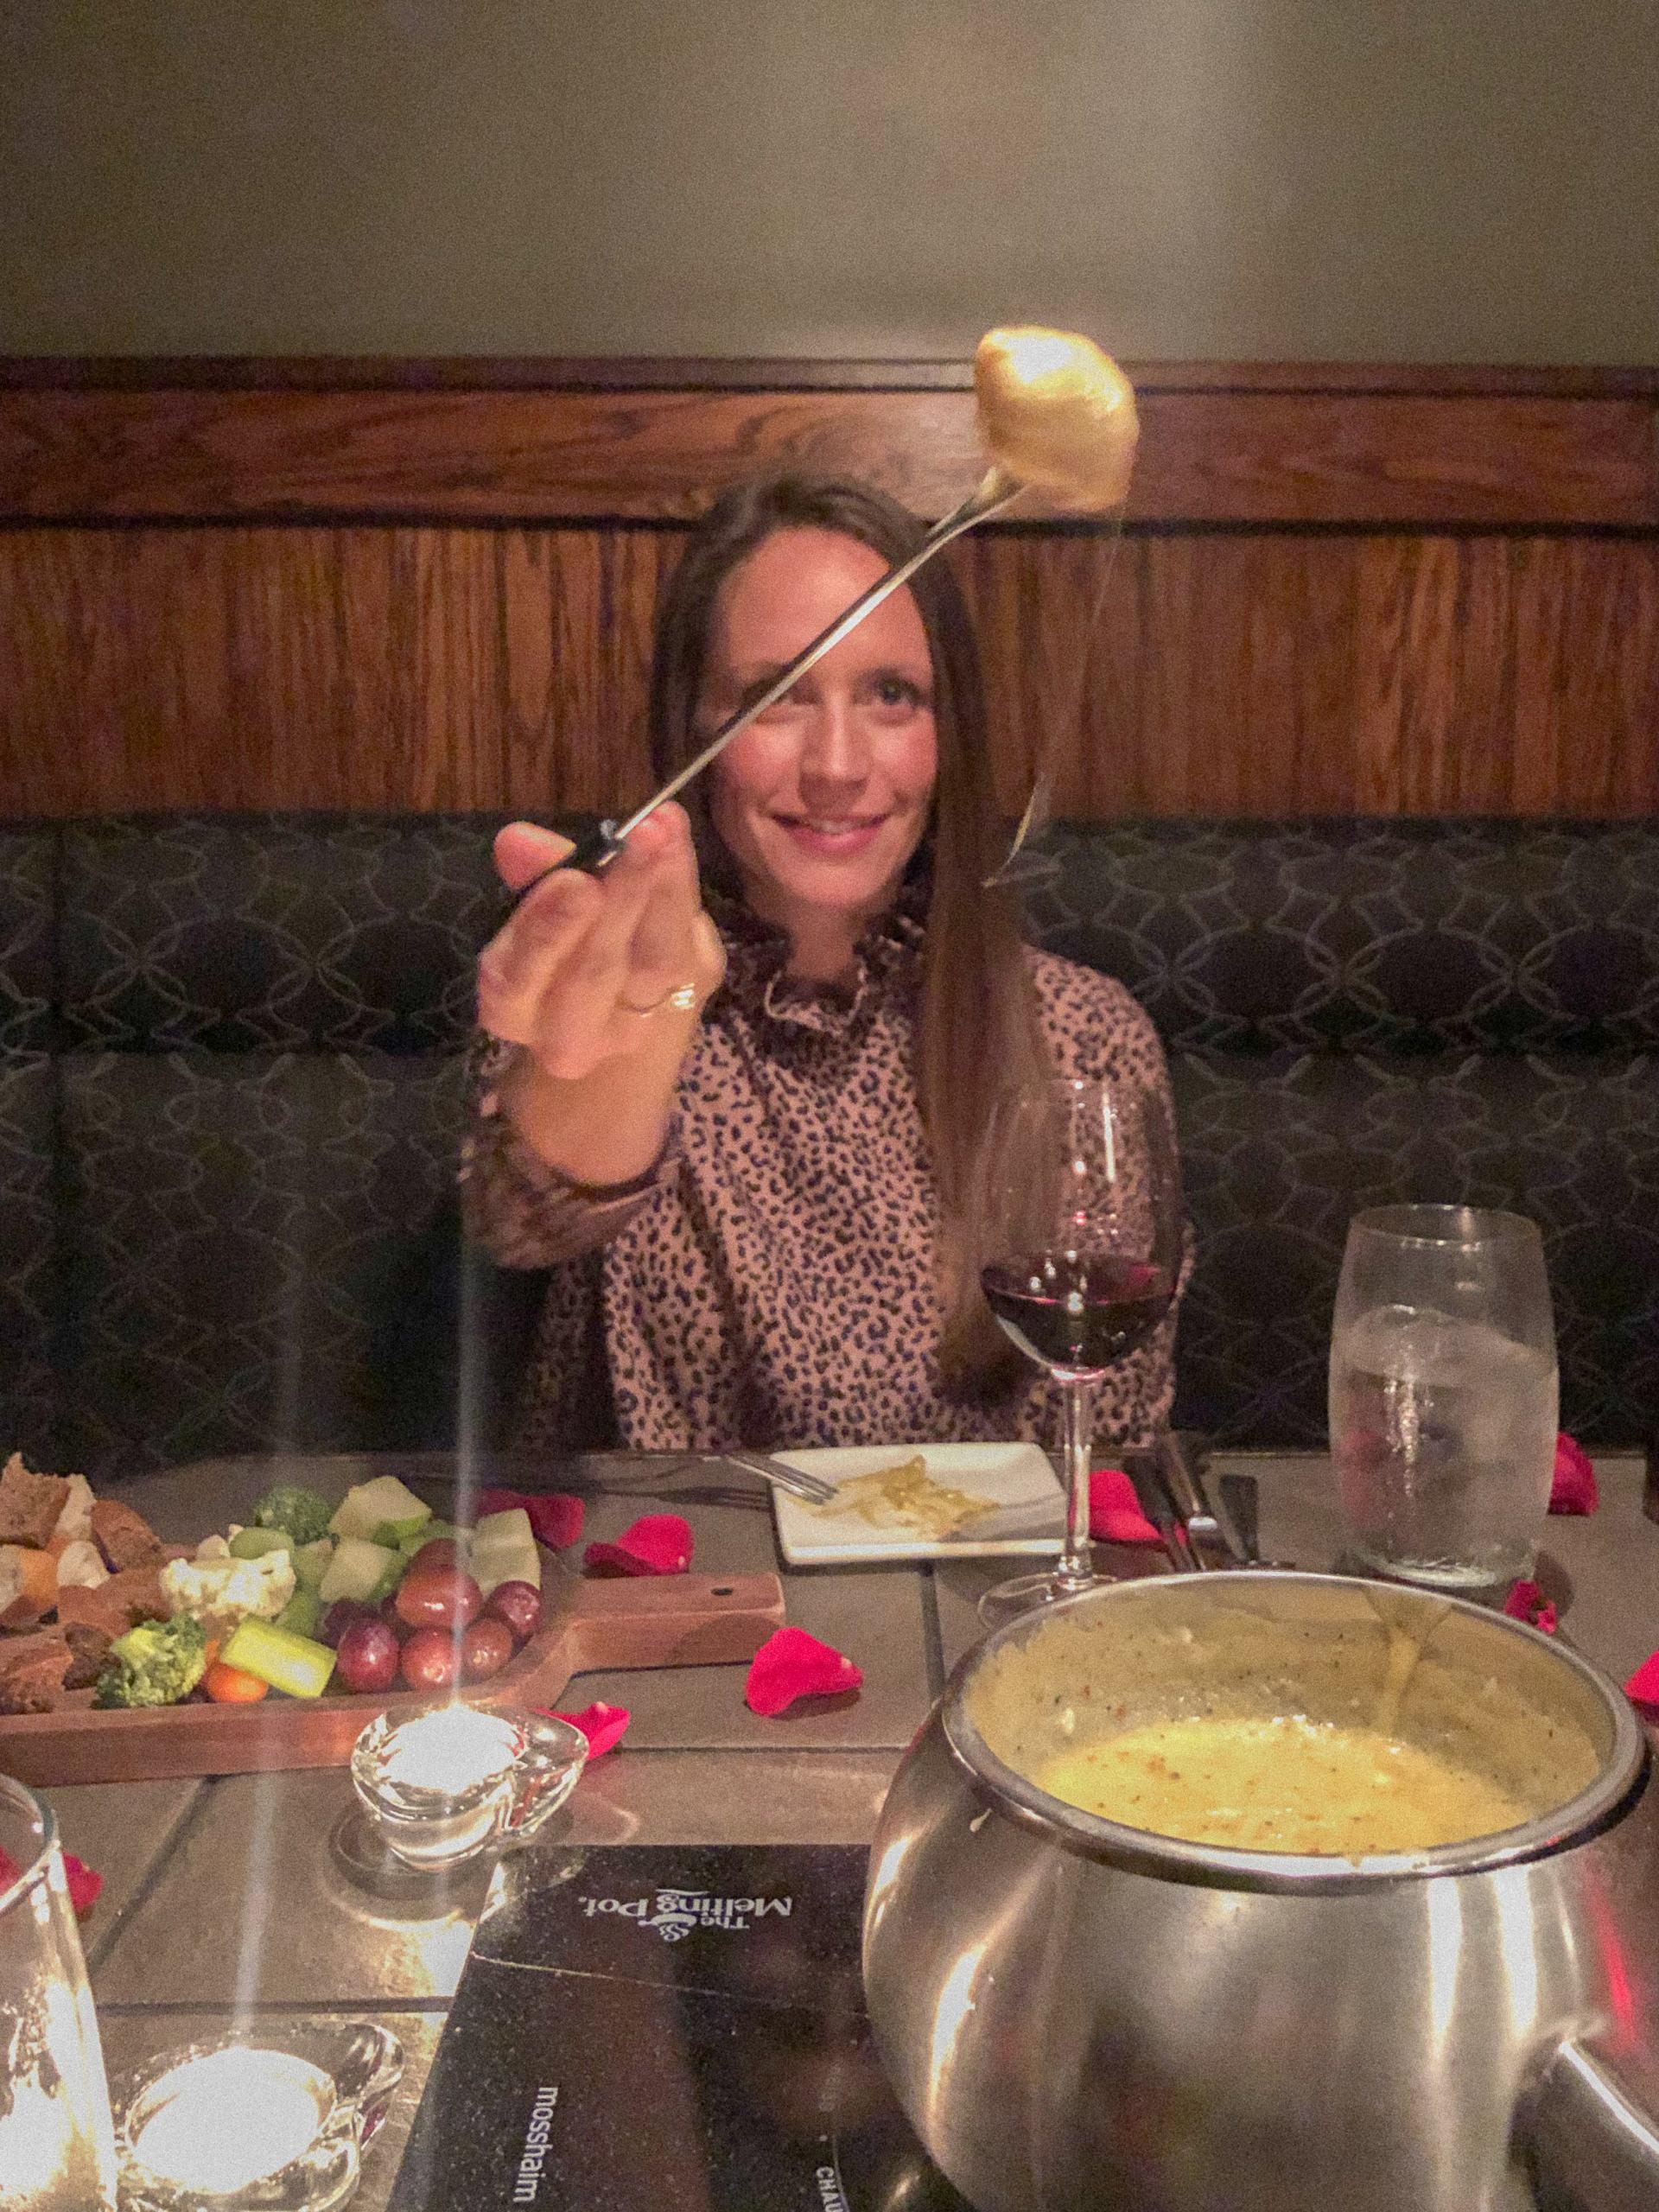 thursdate melting pot fondue